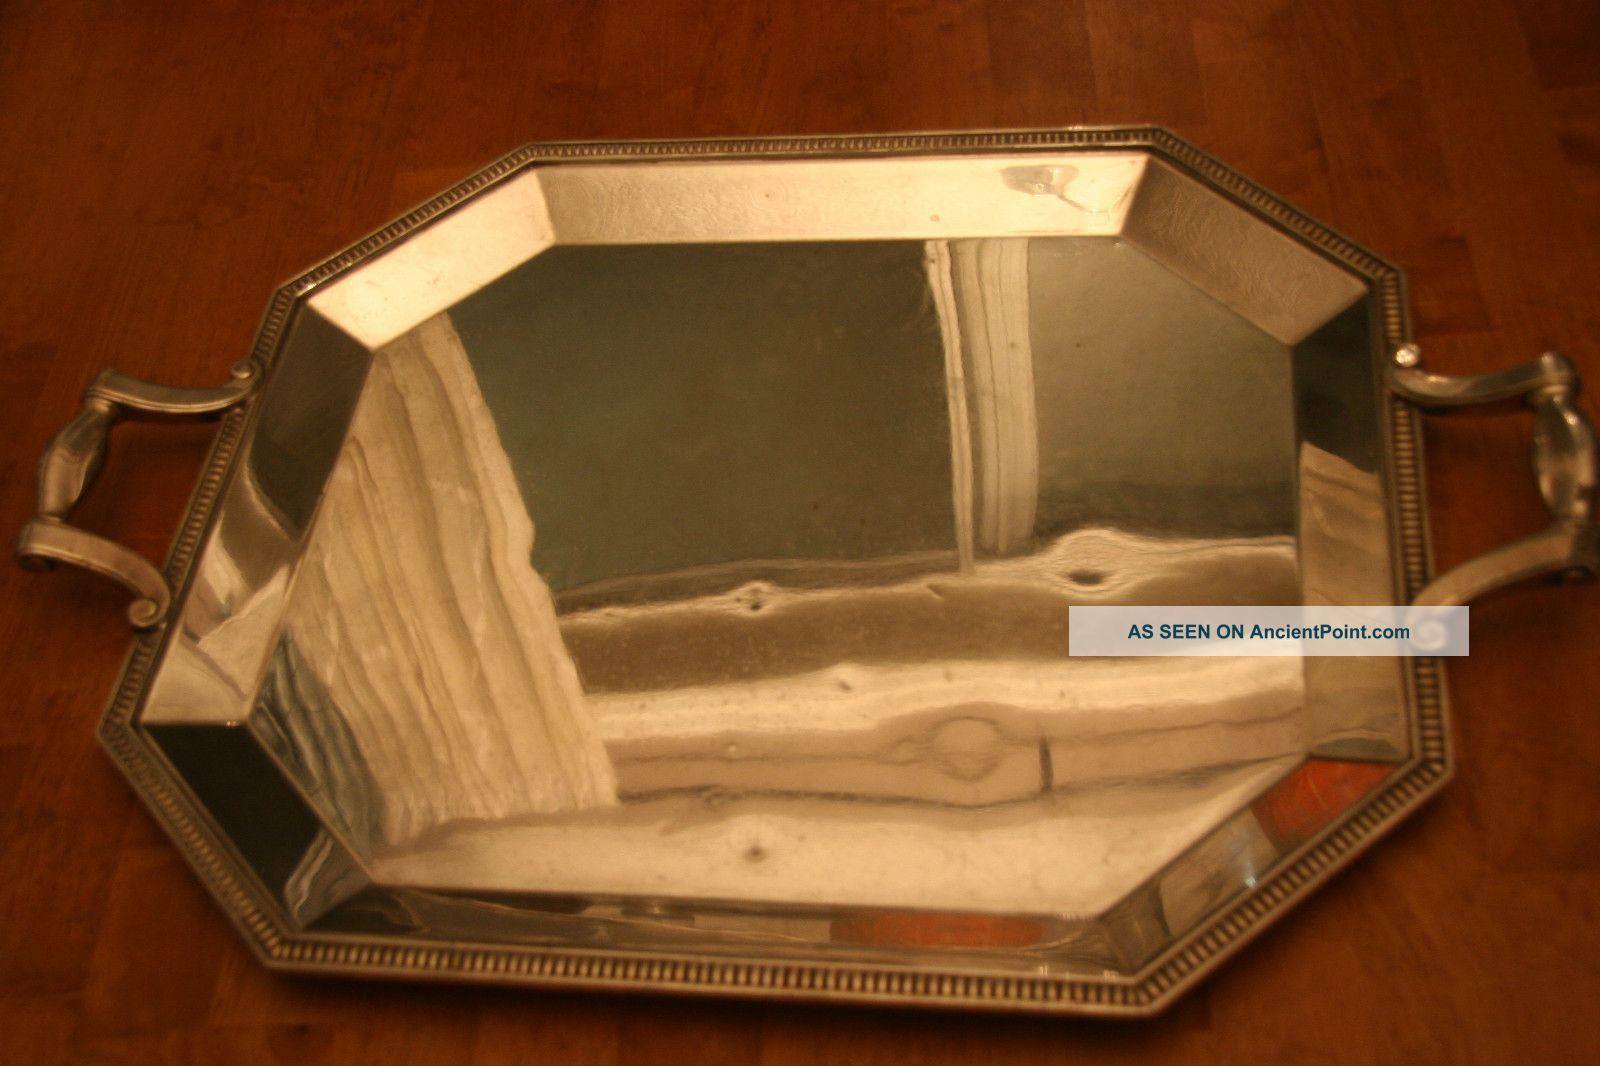 Large Christofle Silverplate Tray Platters & Trays photo